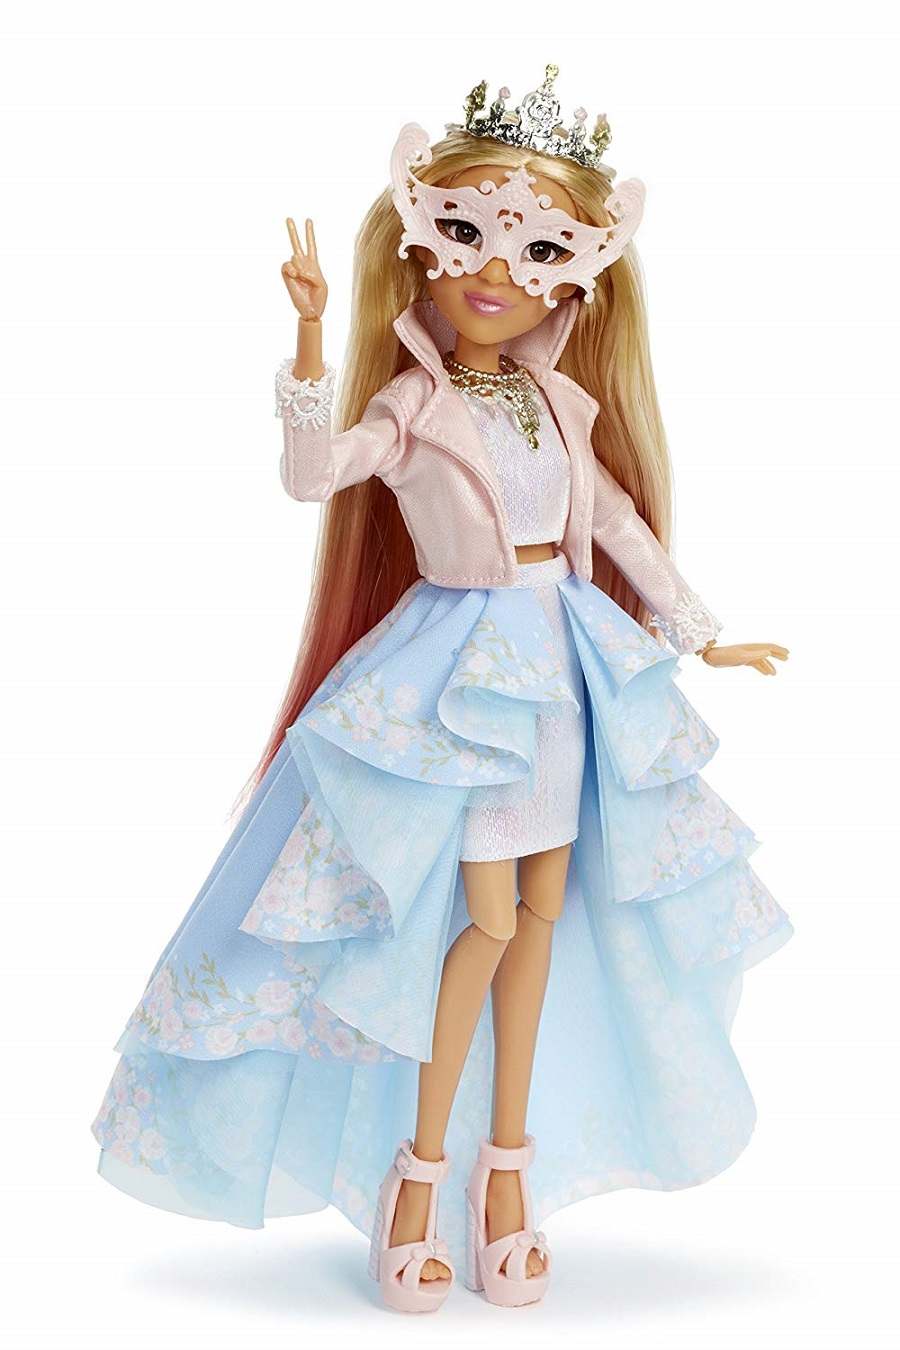 Кукла Адриенна серия Научный эксперимент мыло-лимон Project Mc2